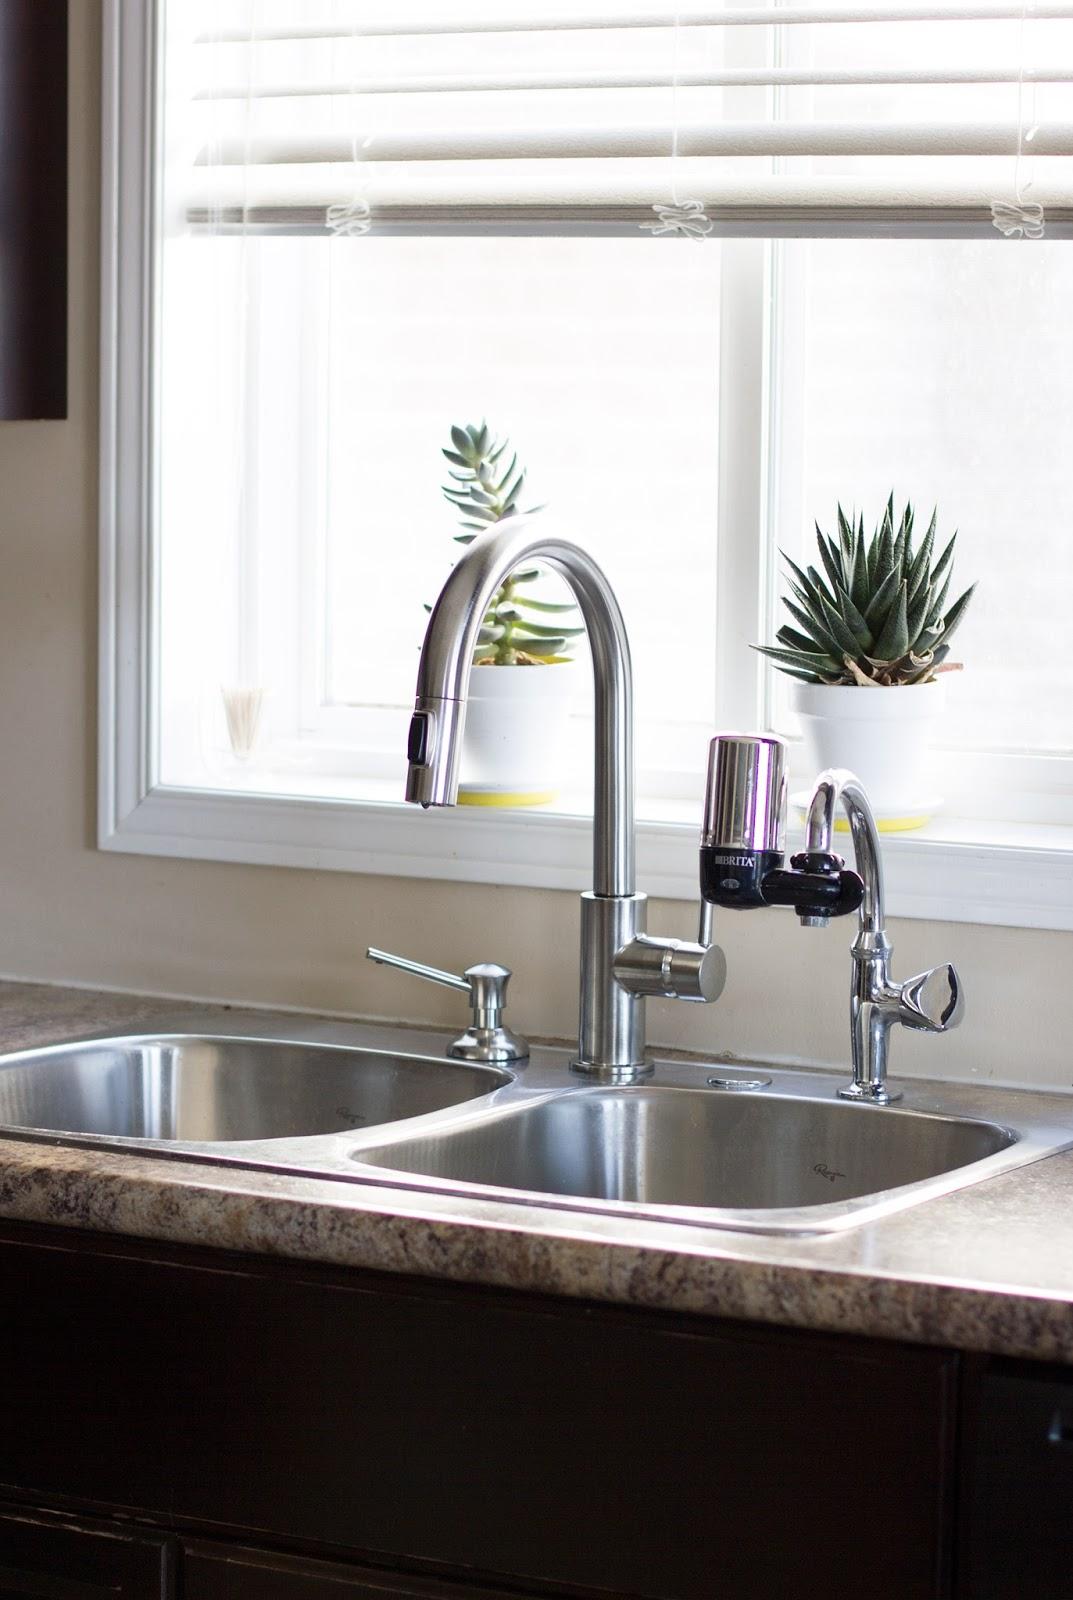 Installing a Delta Trinsic Faucet